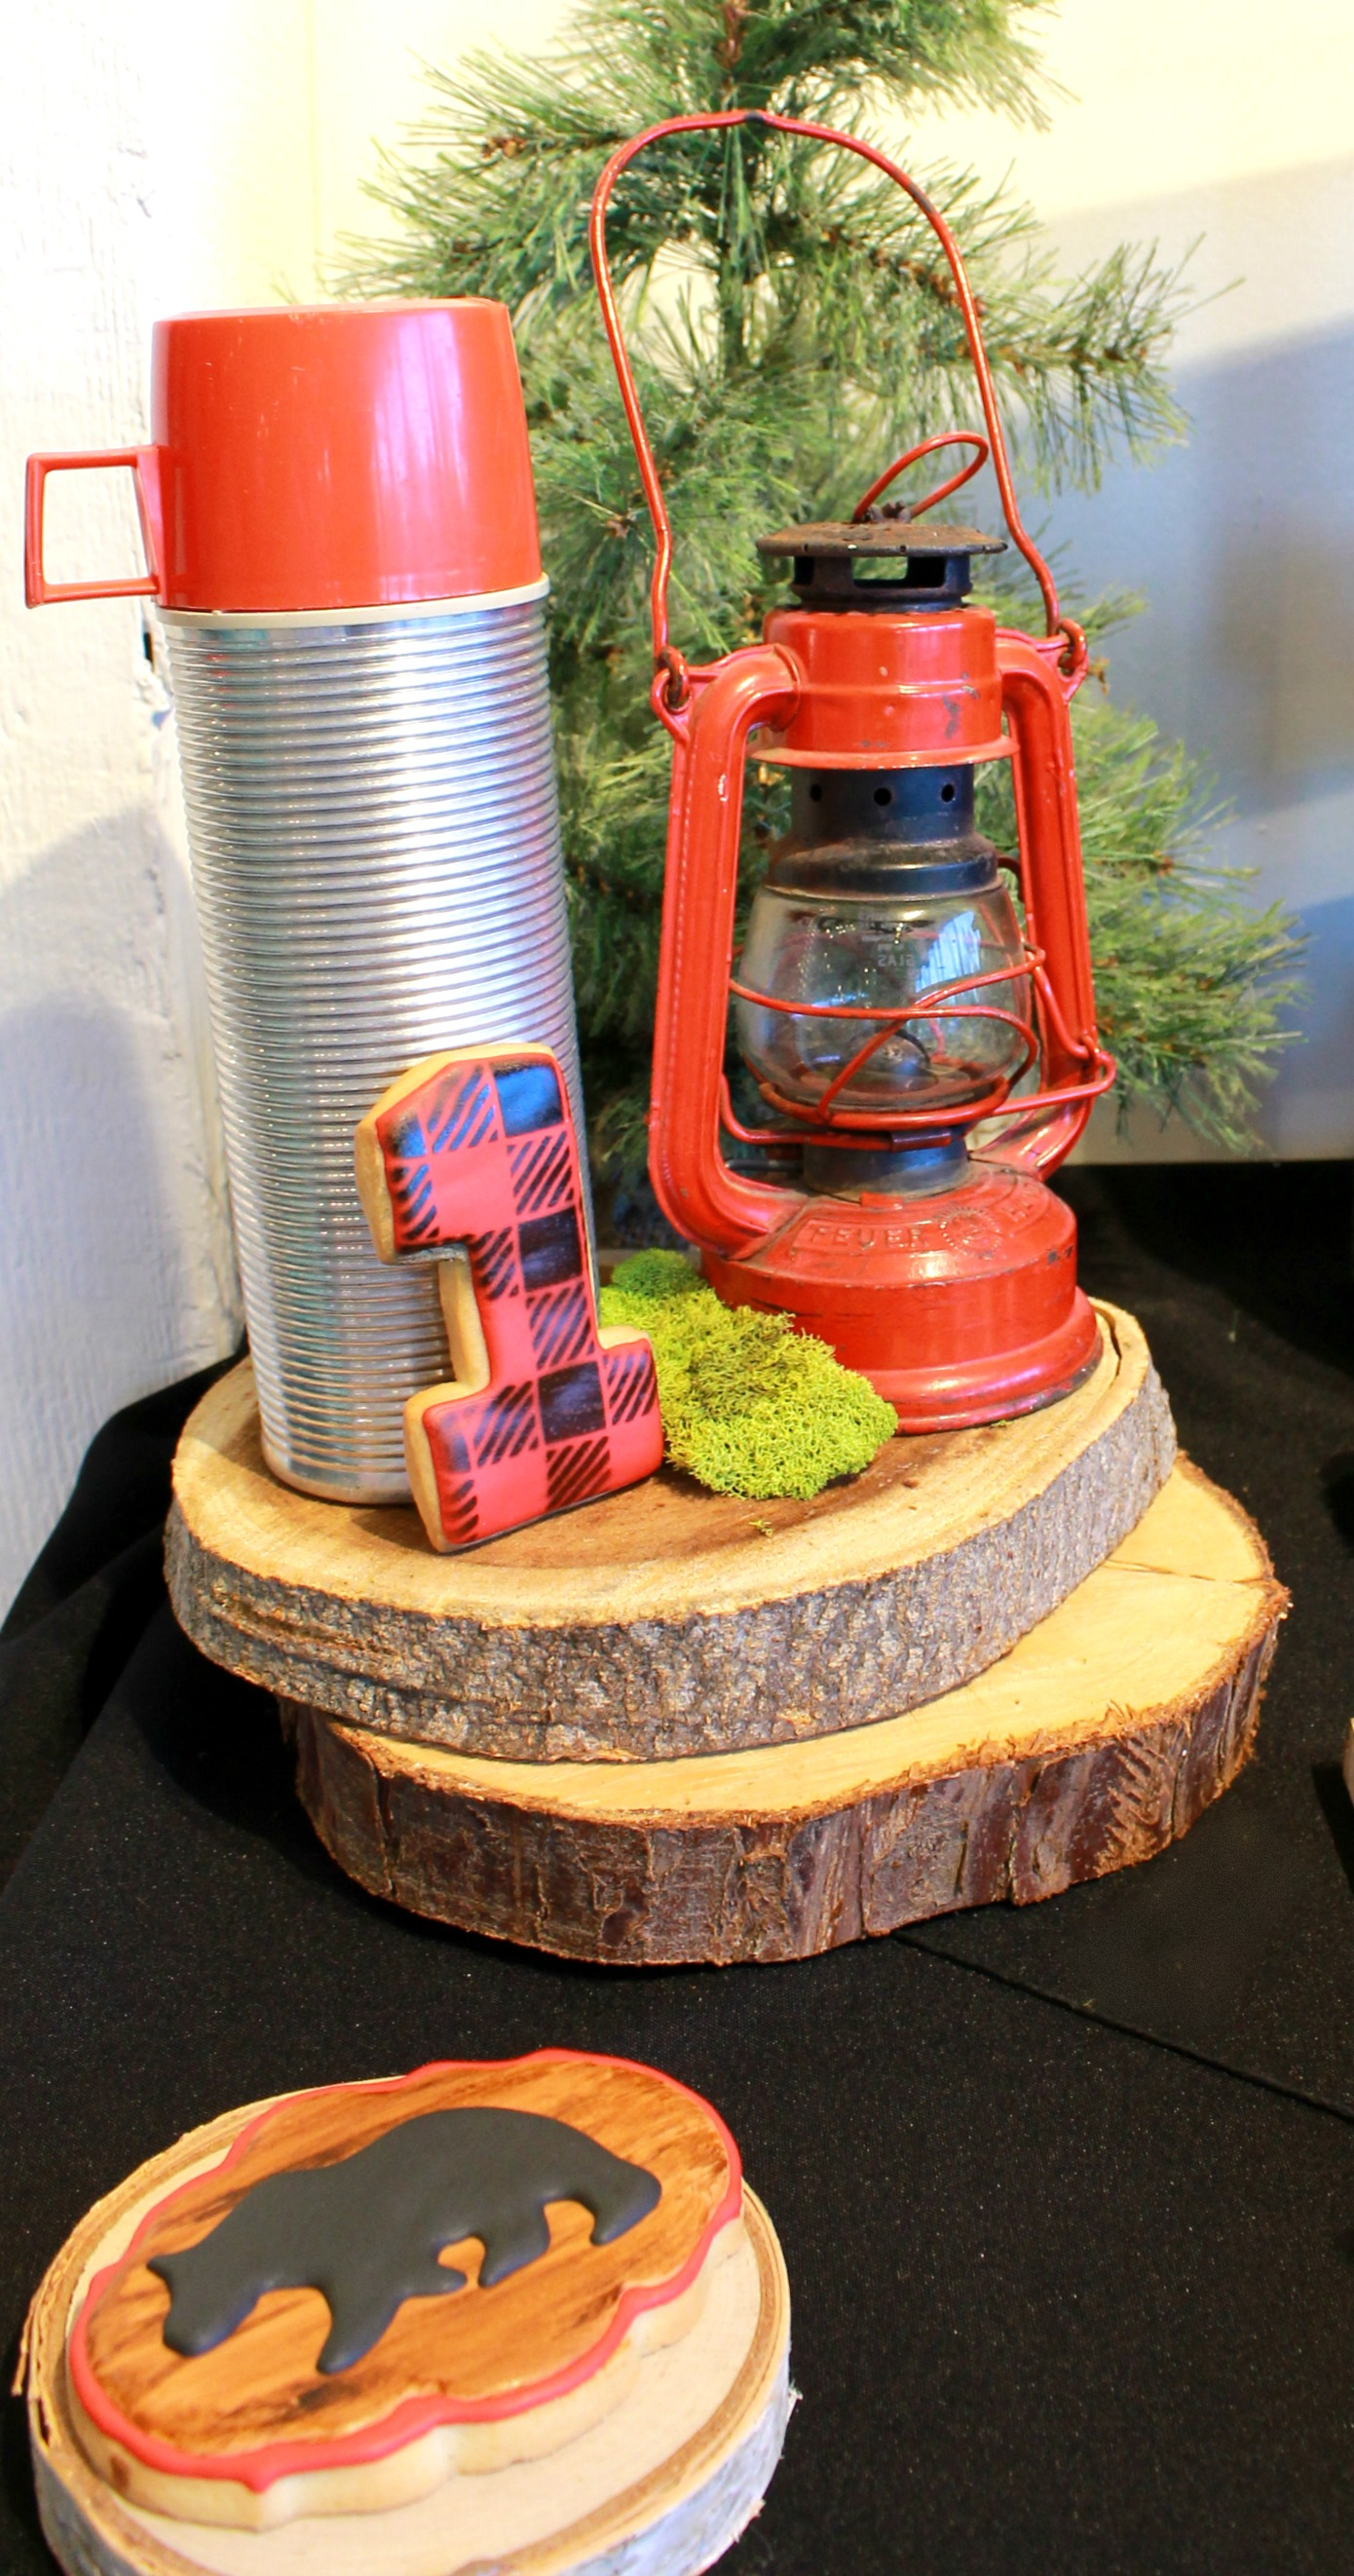 Vintage Lantern-Plaid Cookies-LumberJack Birthday-First Birthday Party-LumberJack first Birthday Party-Birthday Party Ideas-www.SugarPartiesLA.com.jpg